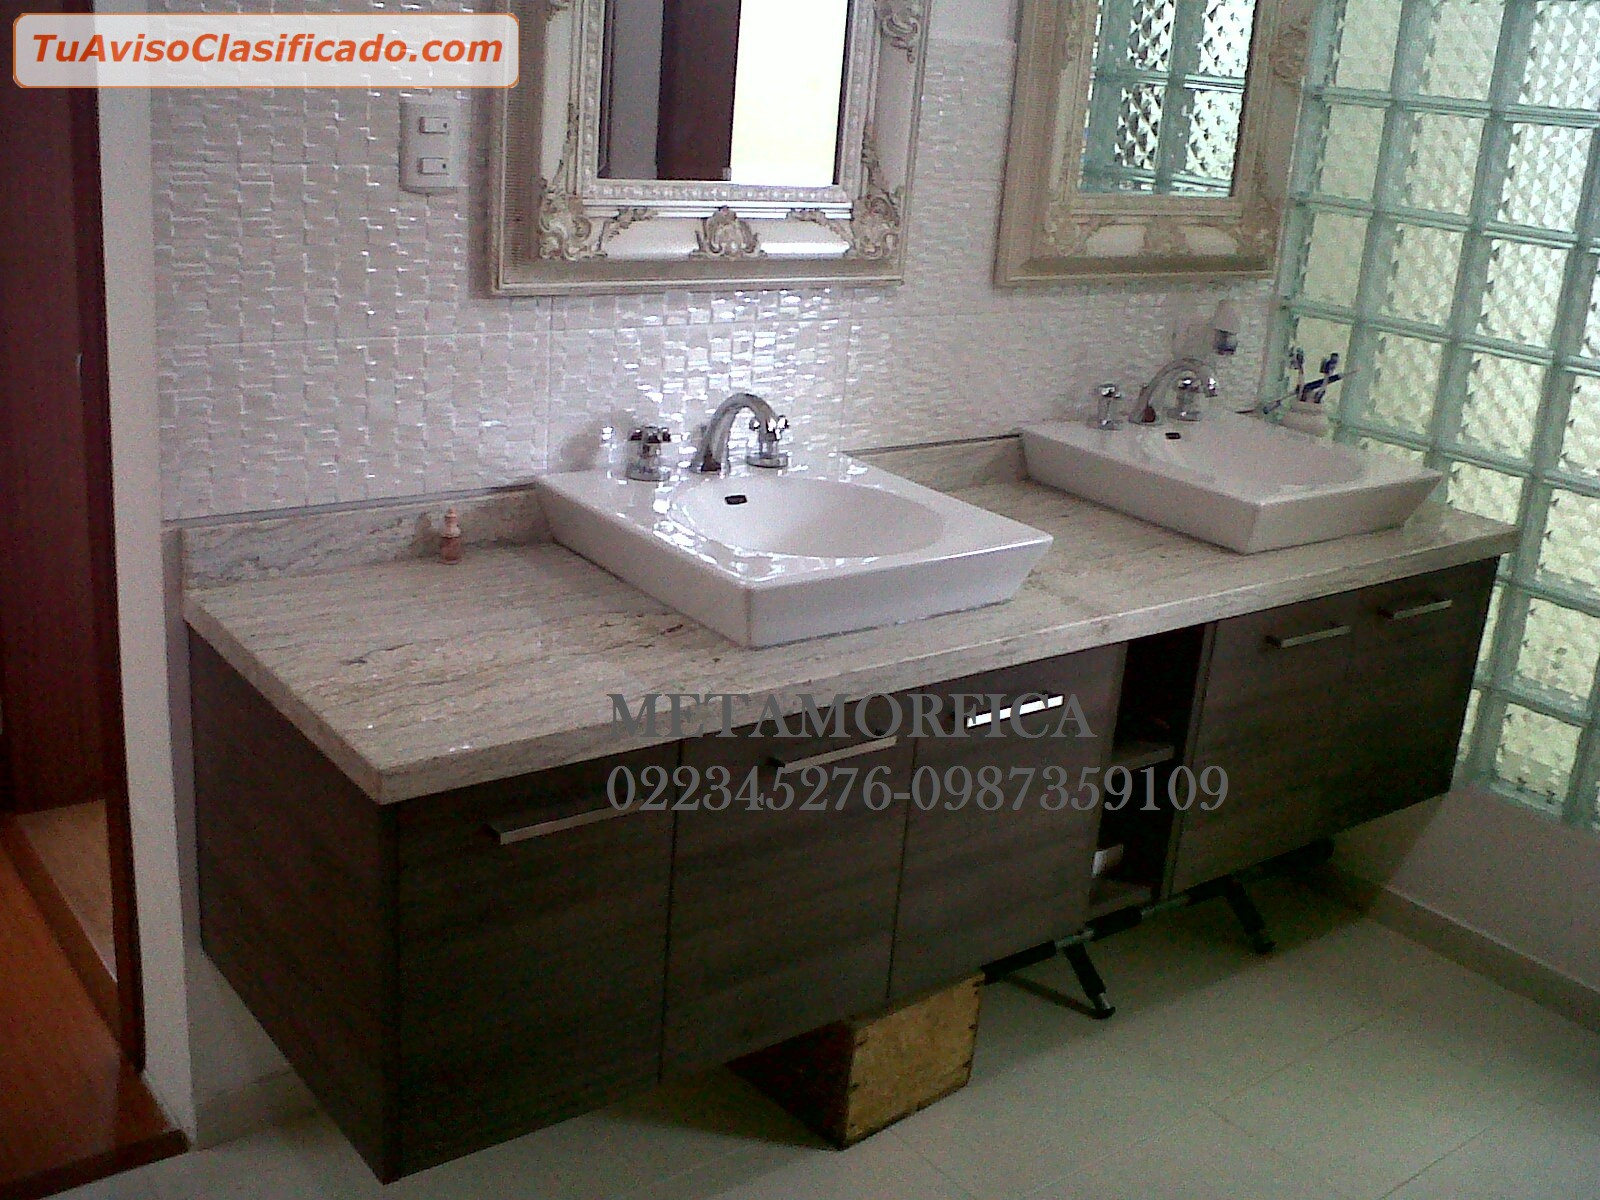 Marmoles maderas y granitos mobiliario y equipamiento for Clases de marmoles y granitos